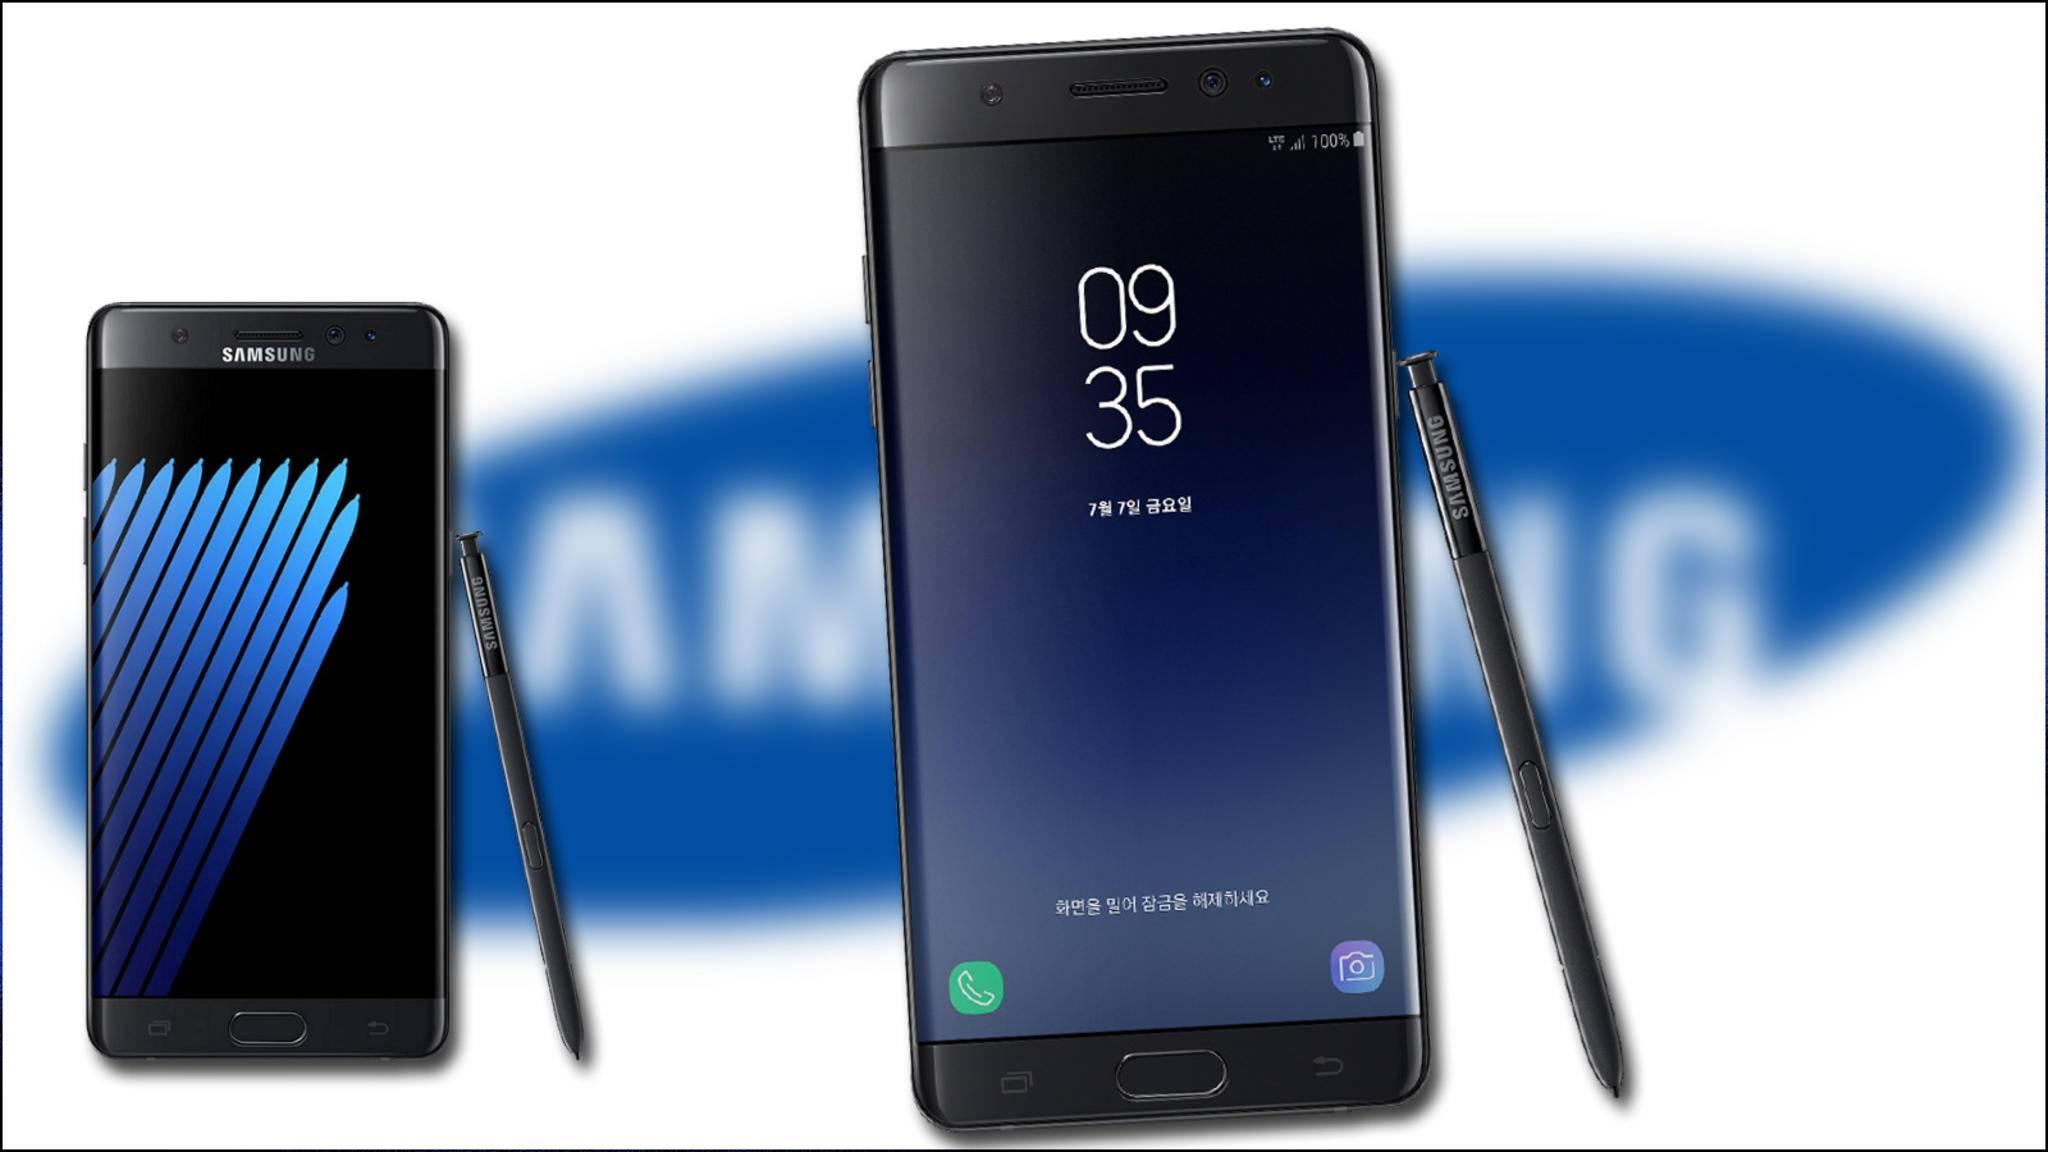 Das Galaxy Note FE im Vergleich zum Galaxy Note 7